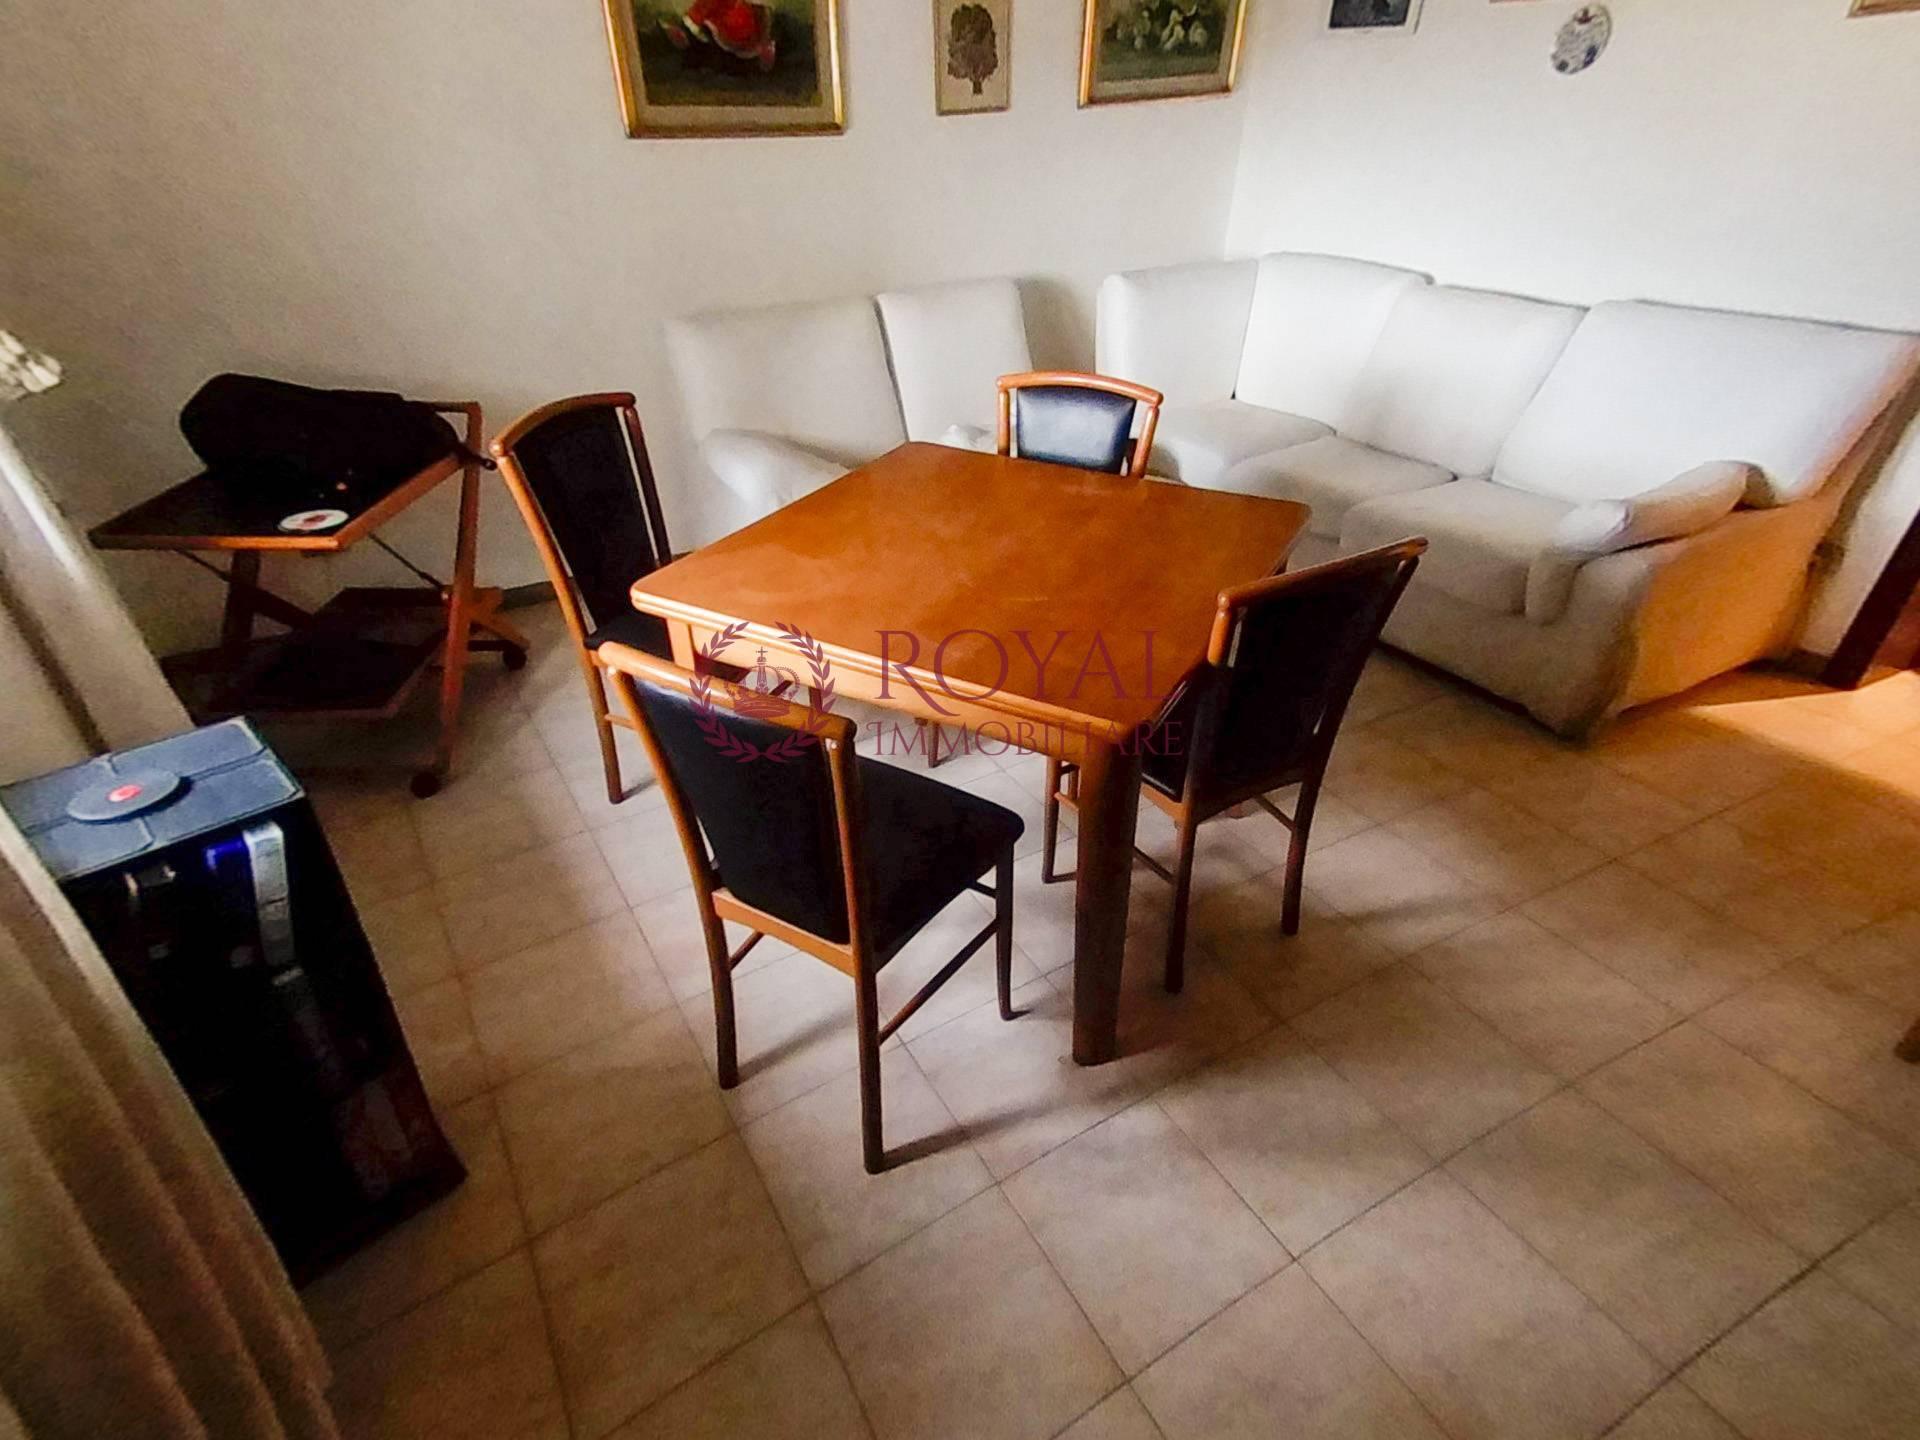 livorno vendita quart: fabbricotti royal immobiliare professional s.a.s.